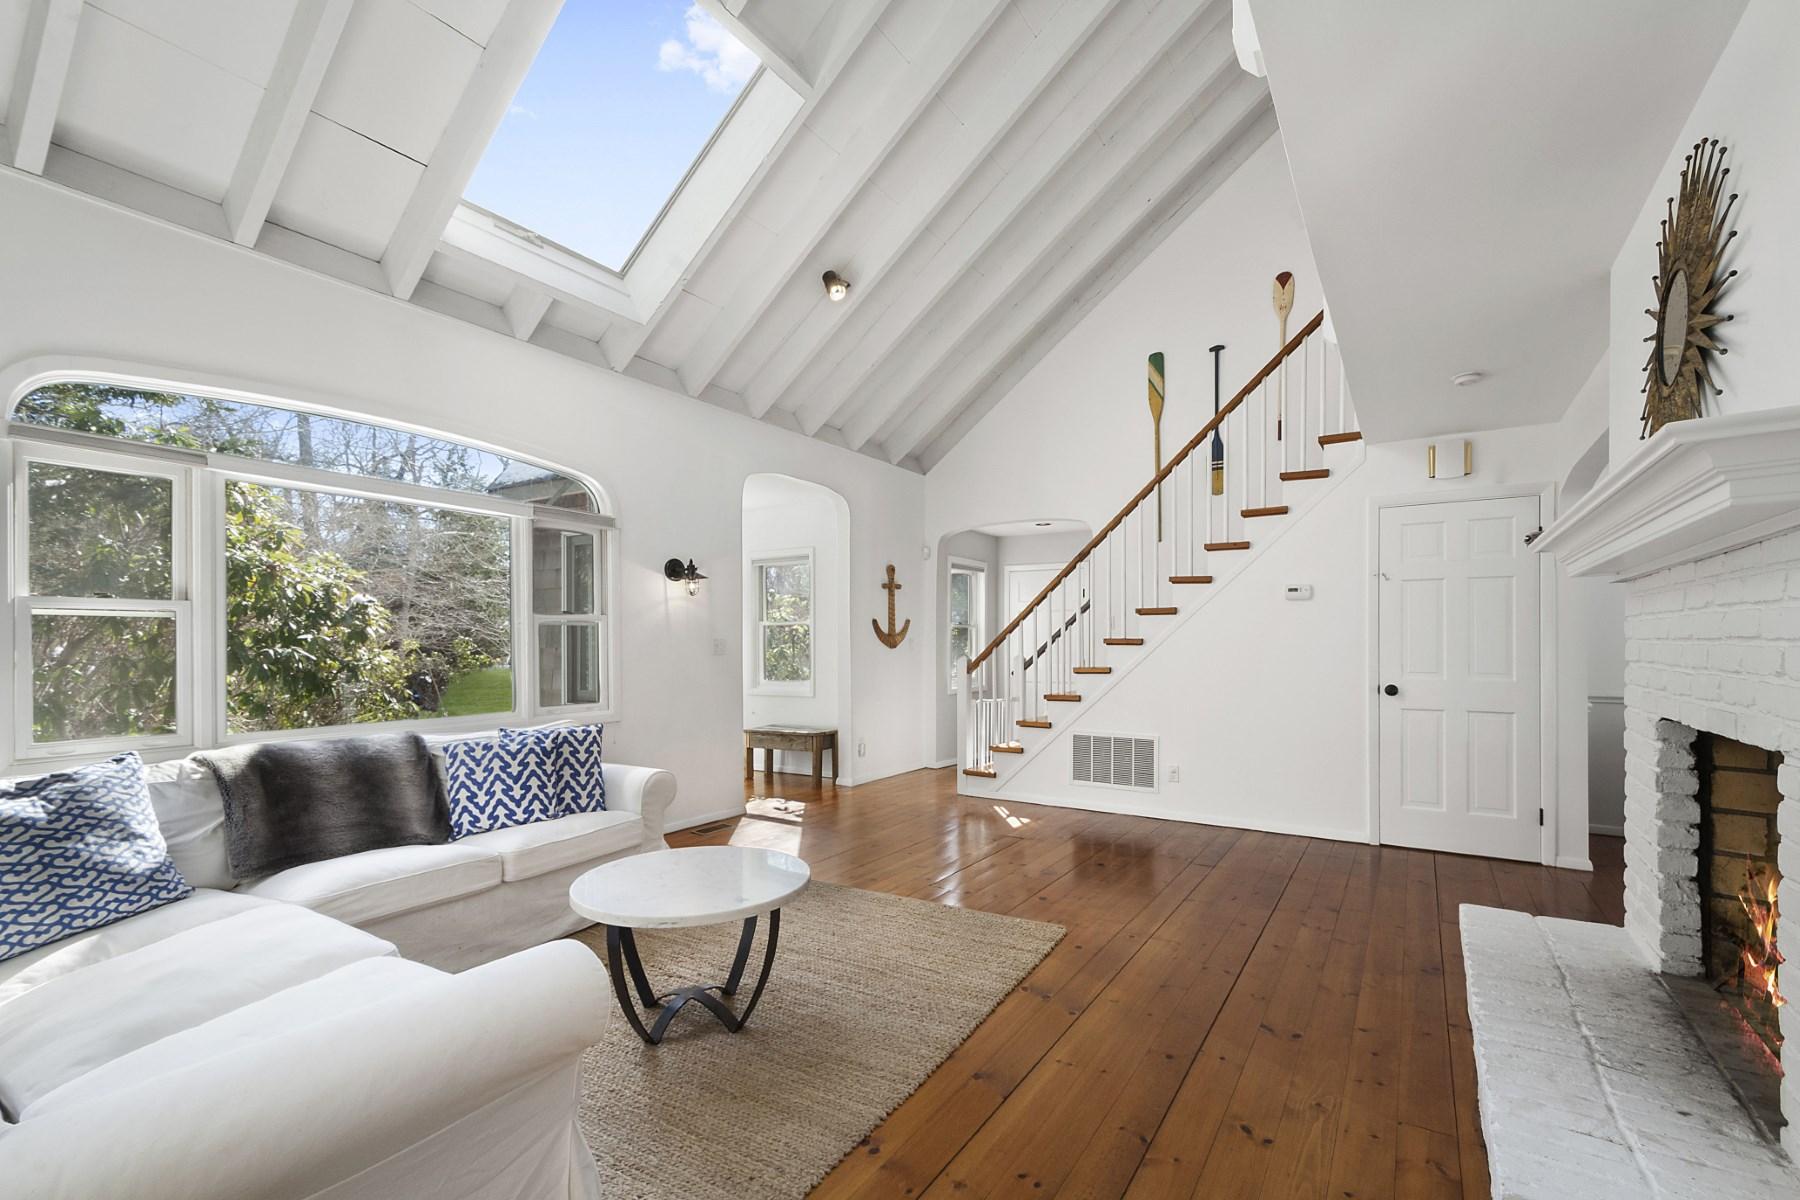 단독 가정 주택 용 매매 에 Modern Beach House 46 Camberly Road East Hampton, 뉴욕, 11937 미국